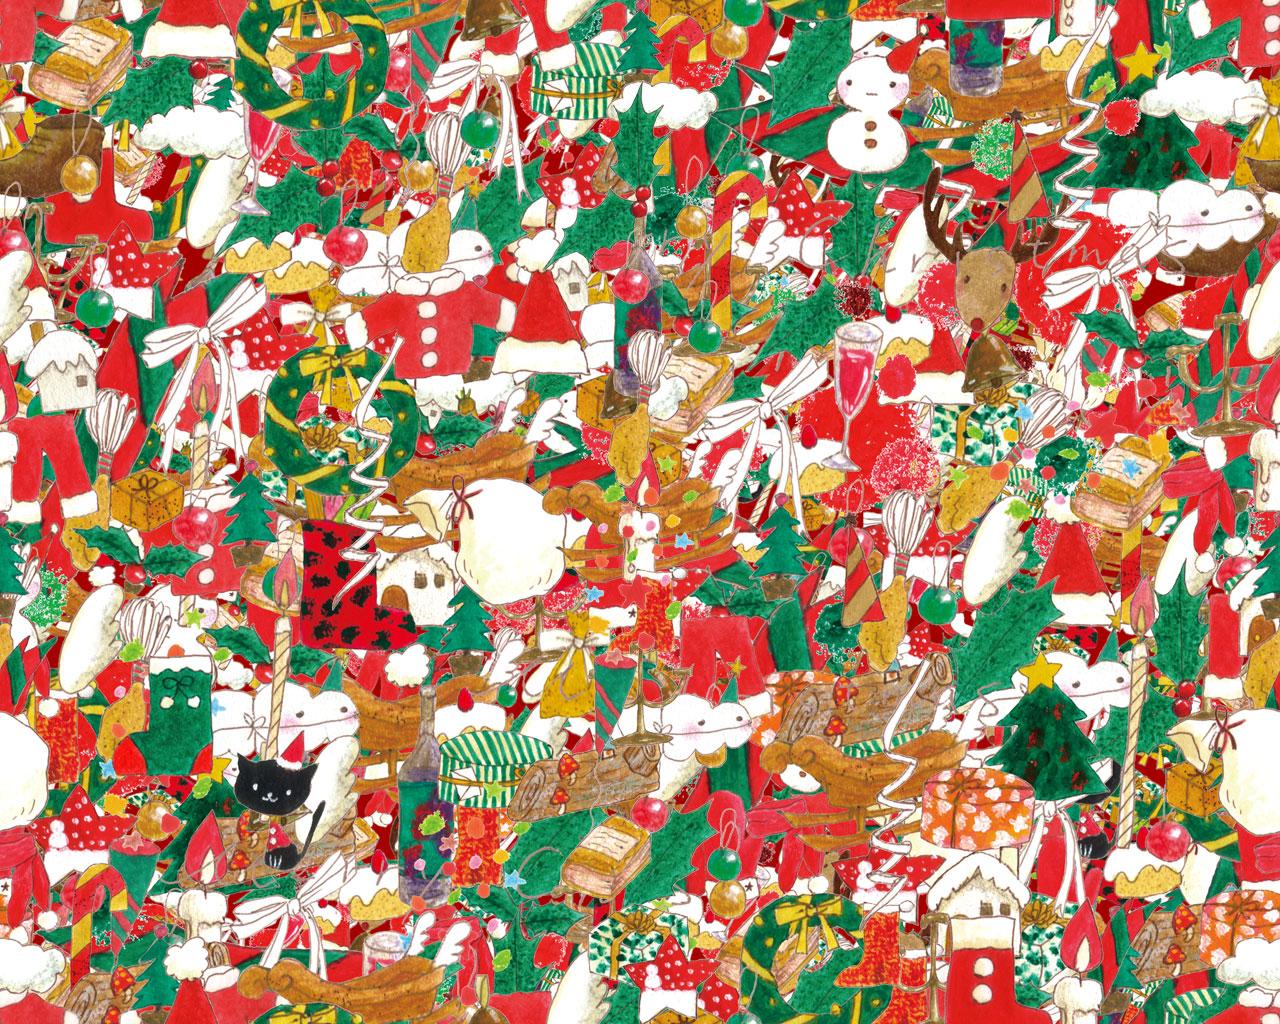 クリスマスの画像 原寸画像検索